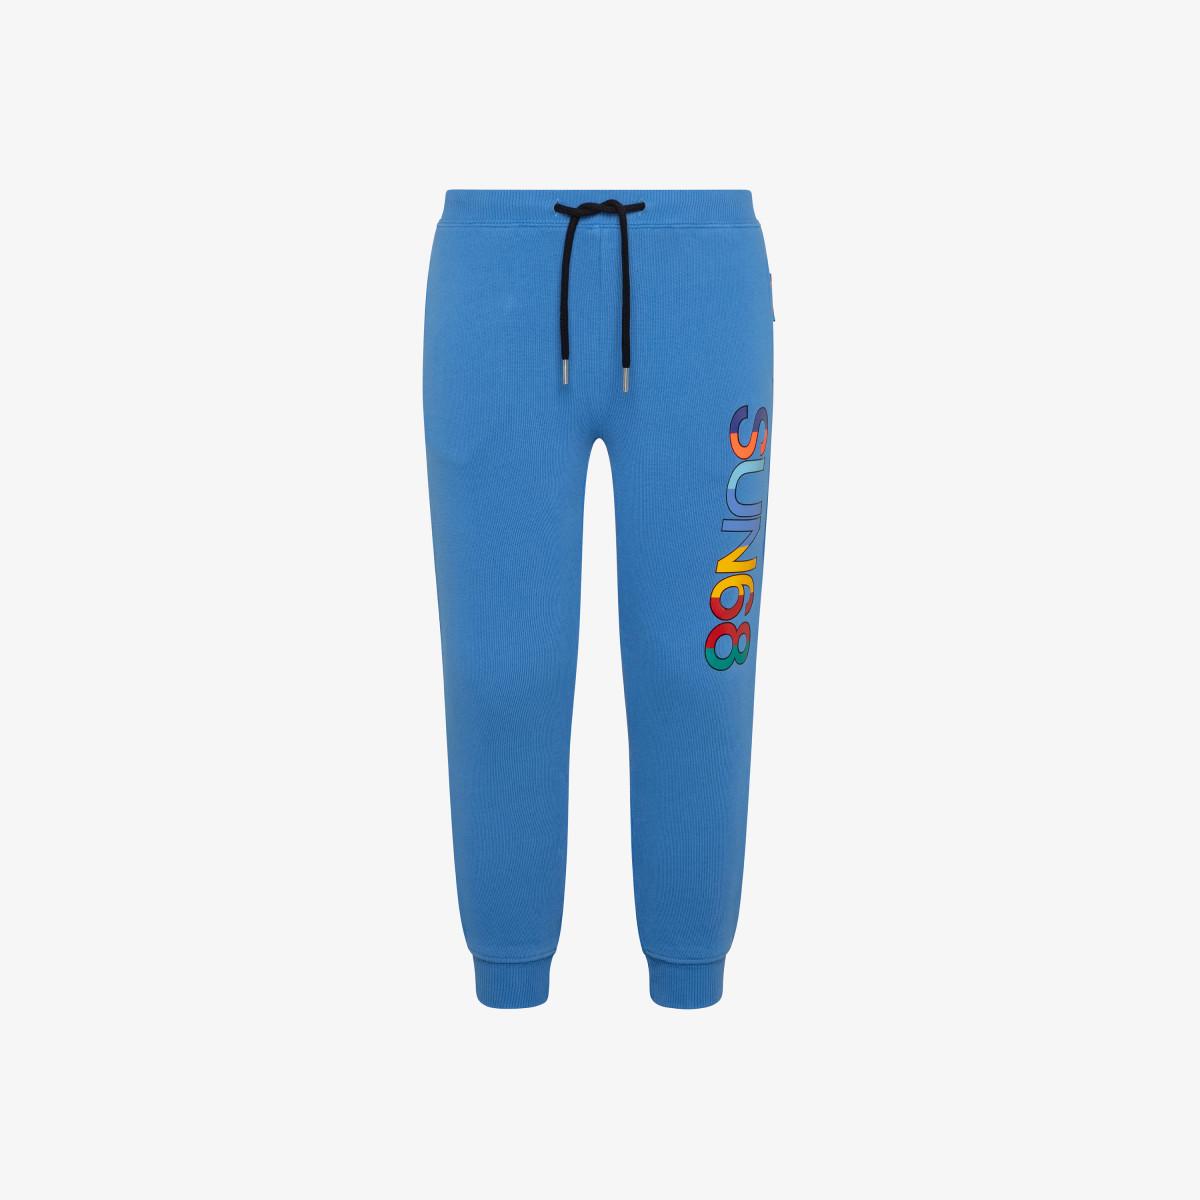 BOY'S PANT LONG COTTON FL LIGHT BLUE